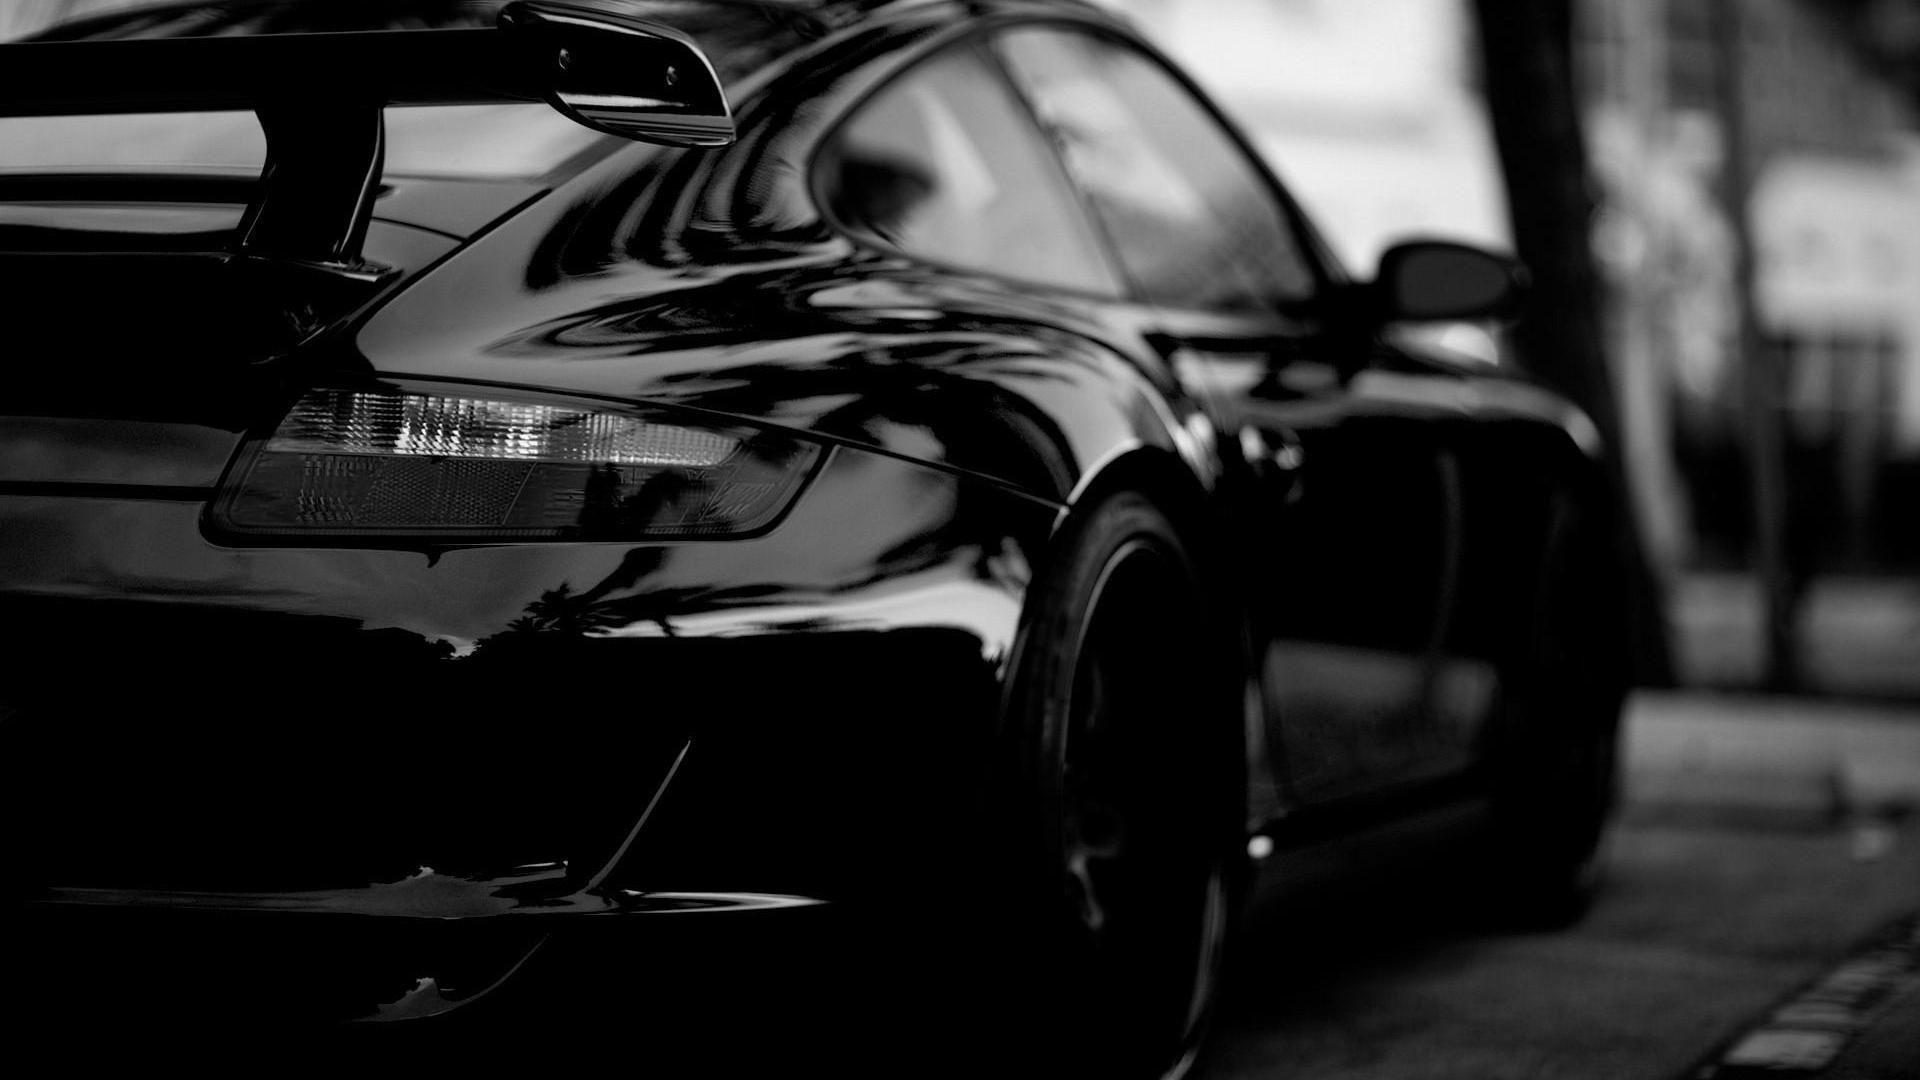 56 Best Free 4k Ultra Hd Porsche Wallpapers Wallpaperaccess